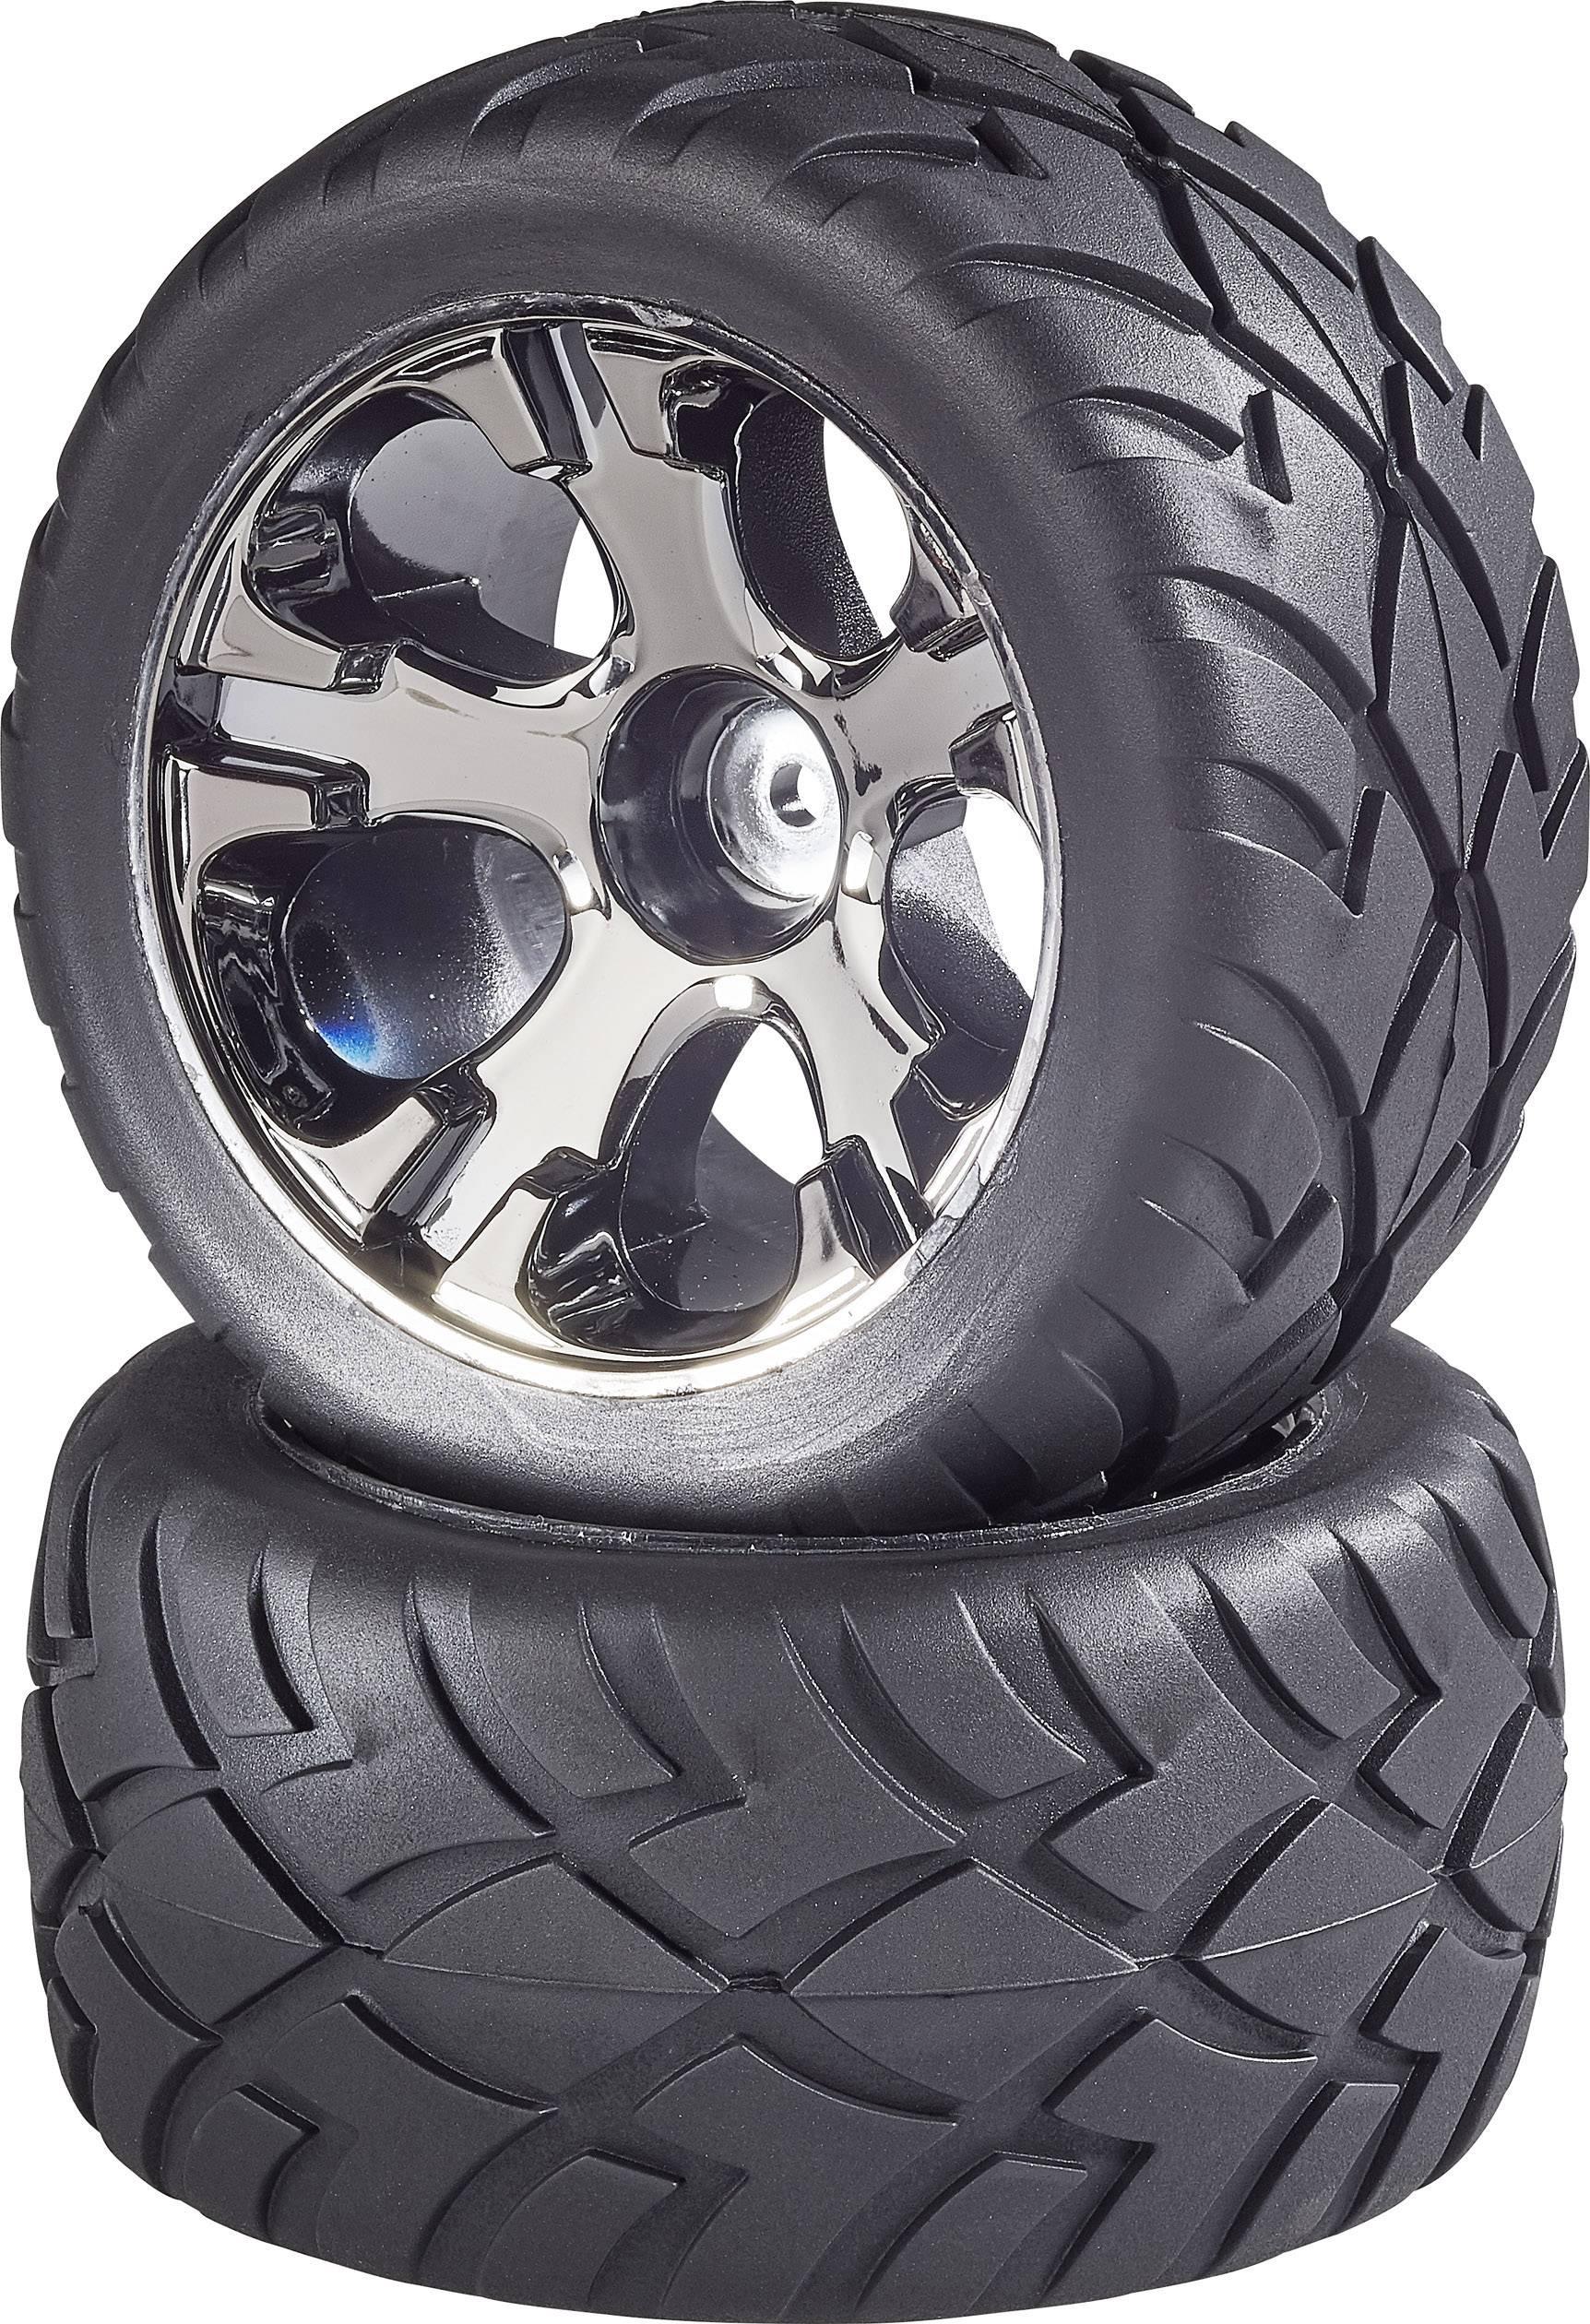 Kompletné kolesá Street Reely 533028C pre truggy, 100 mm, 1:10, 2 ks, titánová